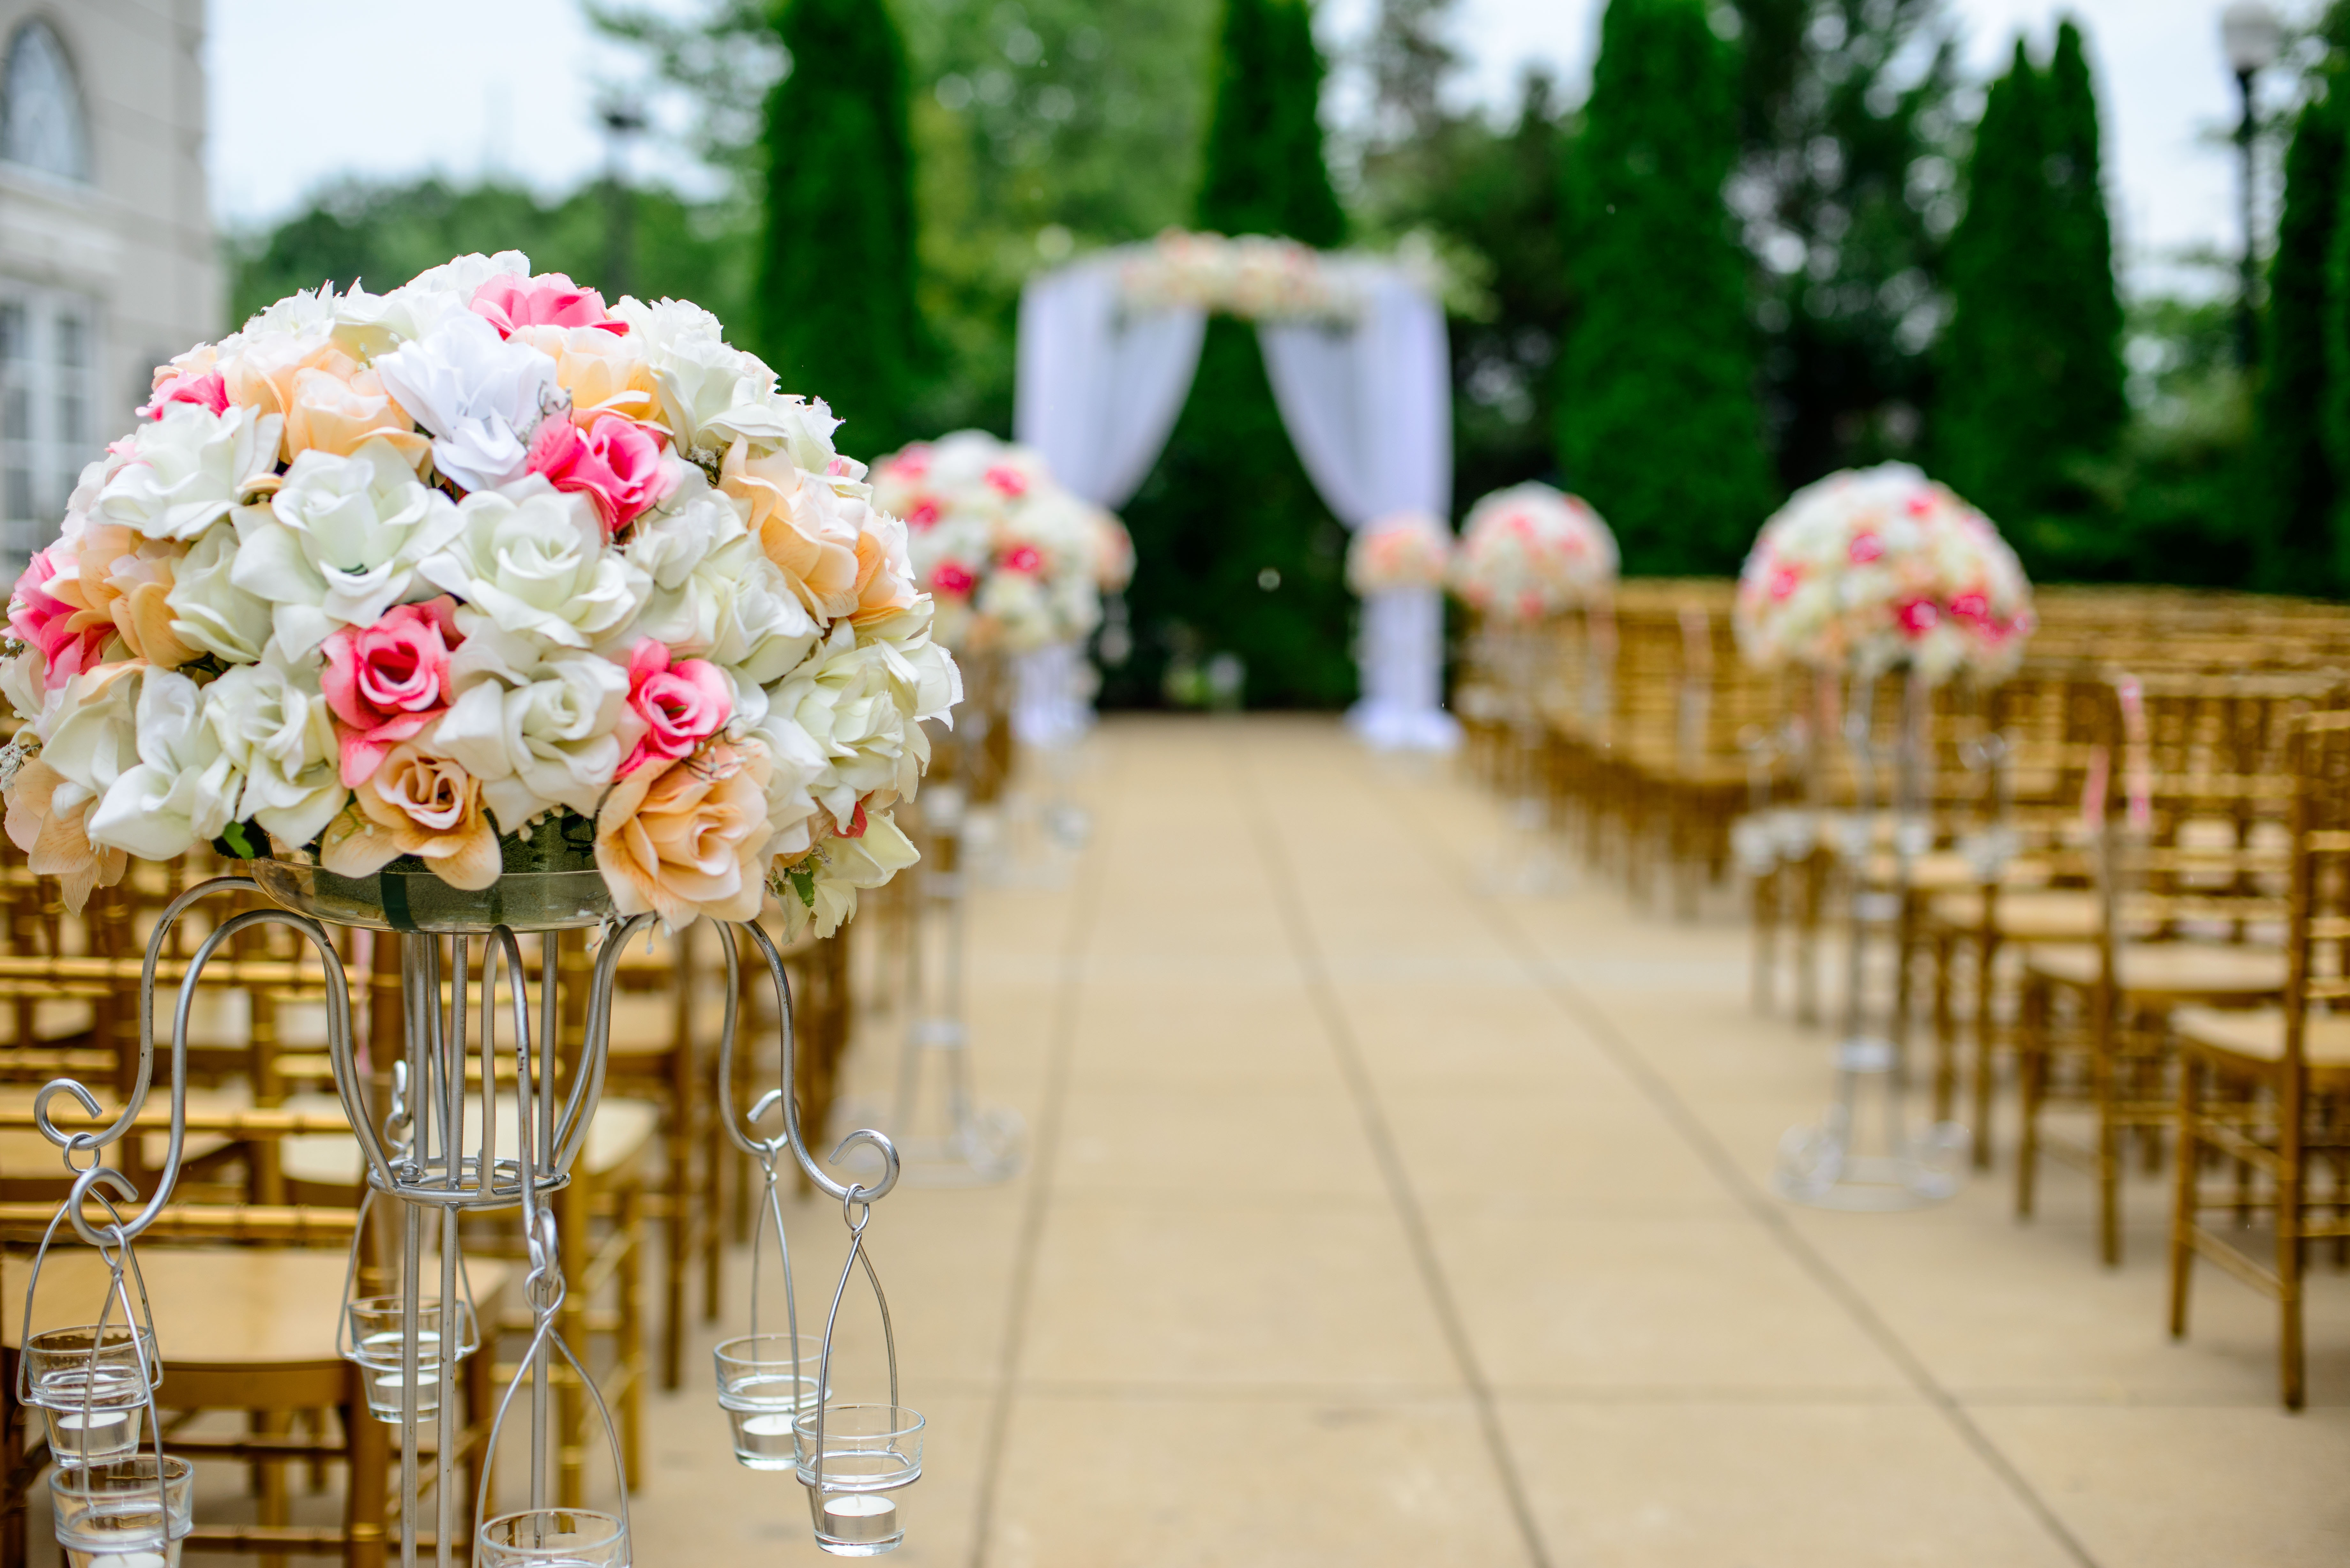 670391df2450a Söz nişan kıyafetlerinden tutun da düğün kıyafetlerine kadar yaptığınız  bütün seçimlerin mekana ve konsepte uygun olması şıklık yarışında önde  olmanız ...